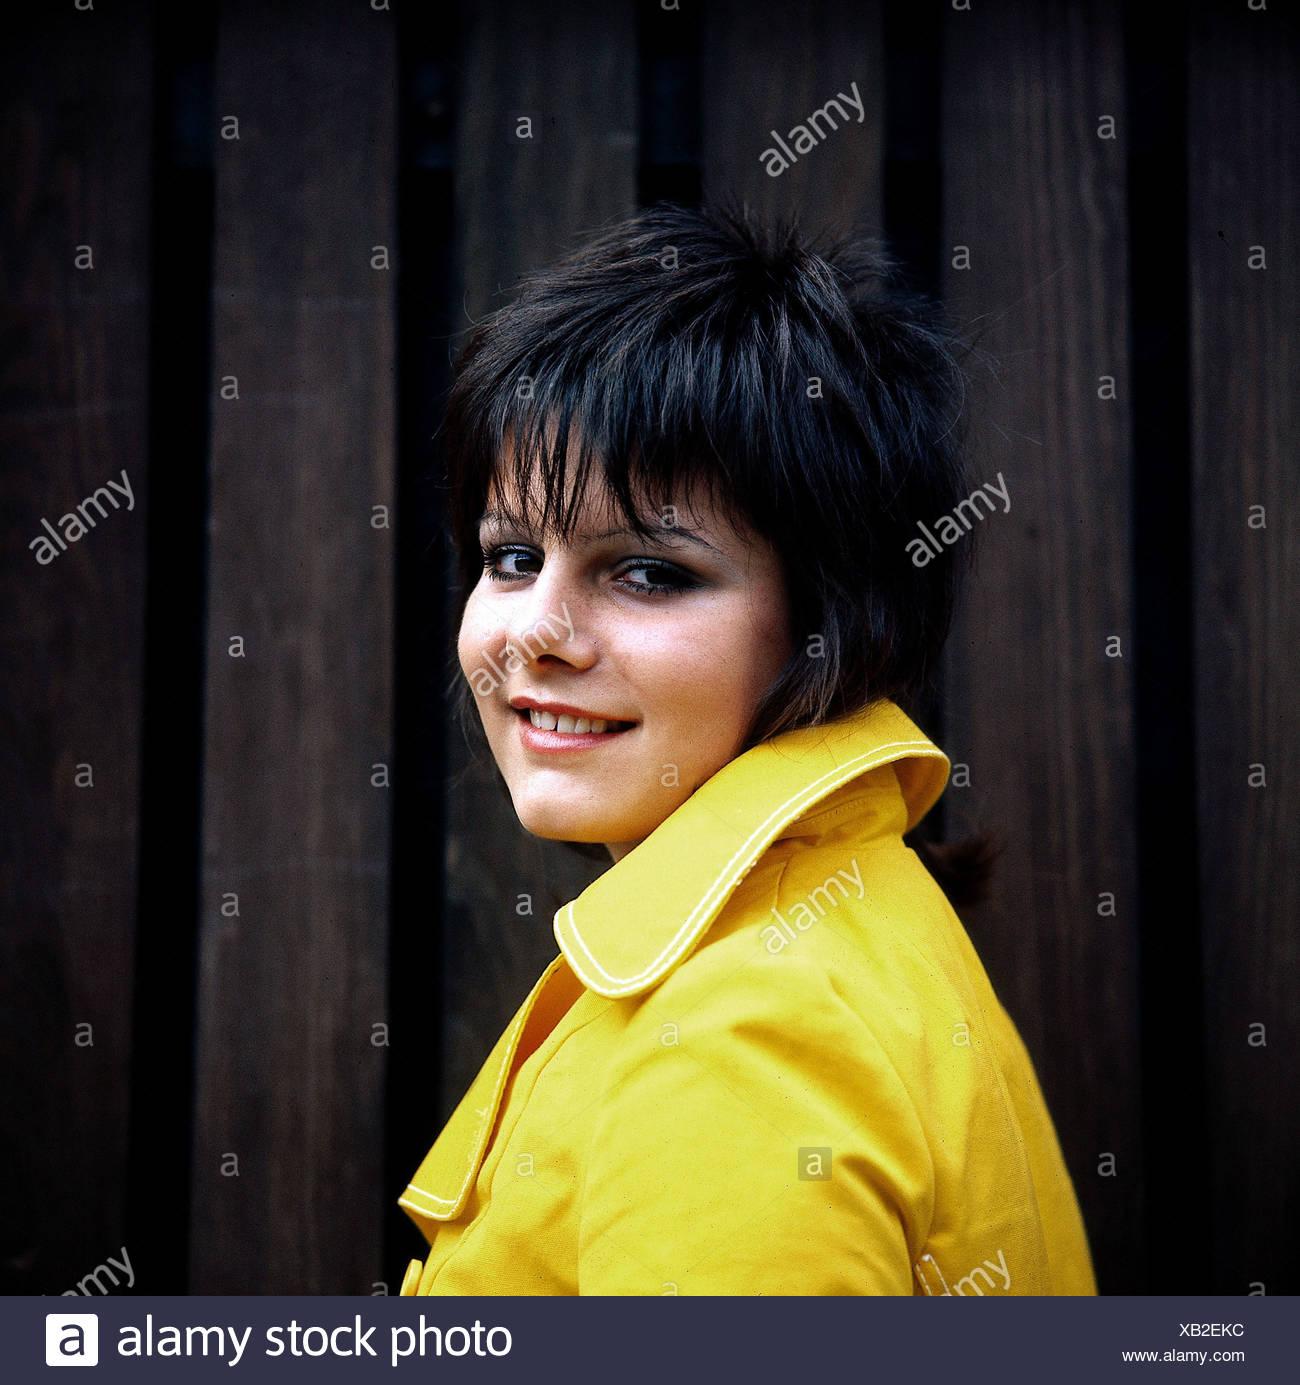 Rosenberg, Marianne, * 10.3.1955, German singer, portrait, 1972, smiling, - Stock Image